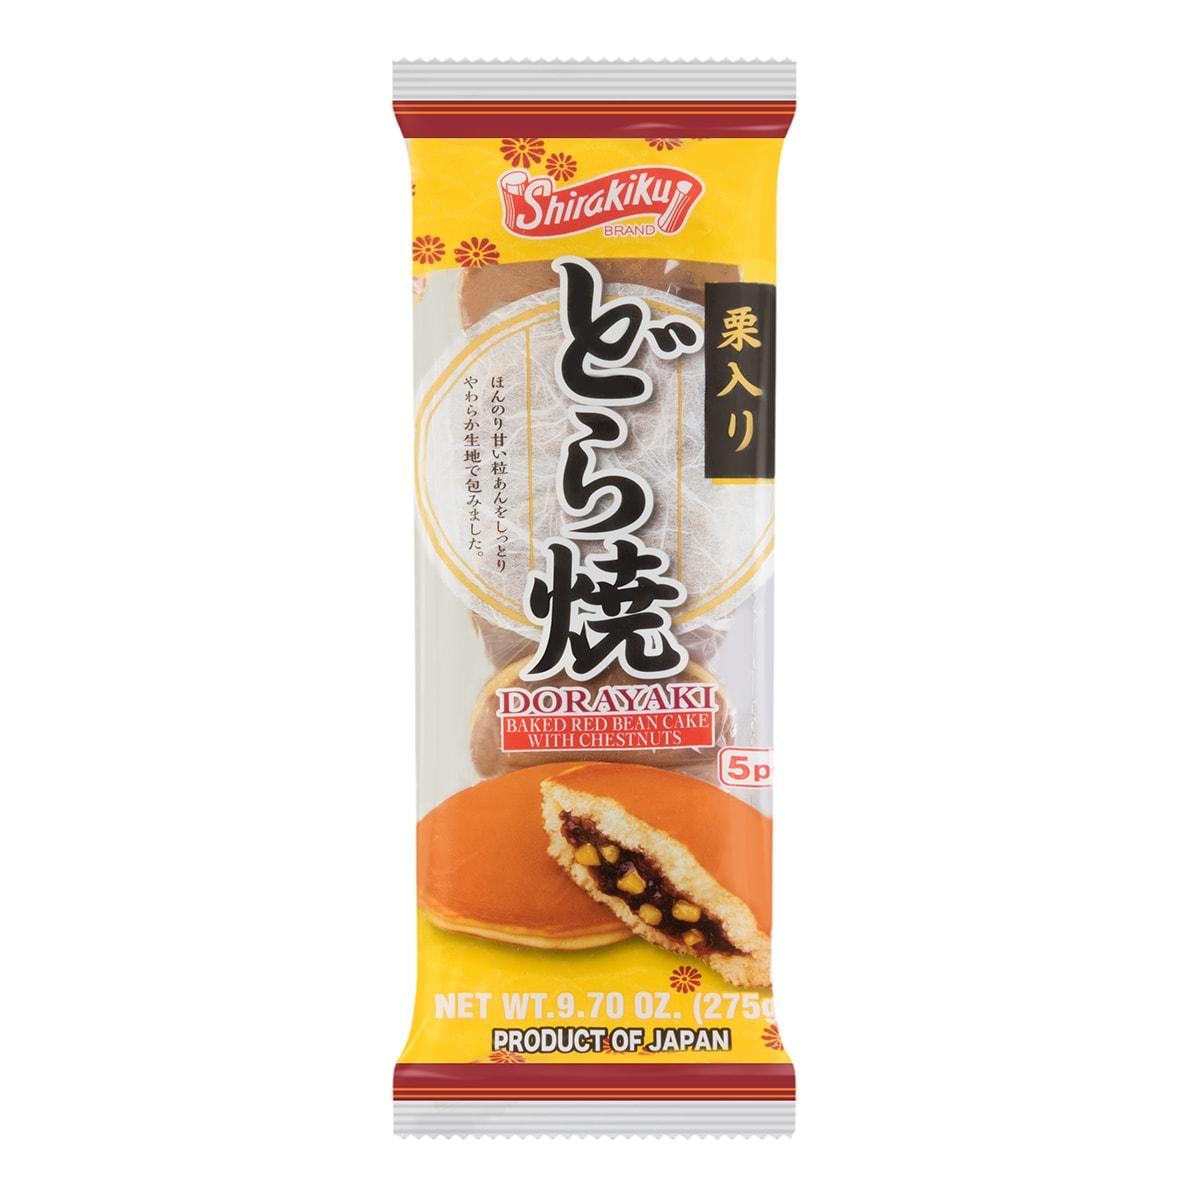 日本SHIRAKIKU赞岐屋 传统铜锣烧 红豆栗子味 5枚入